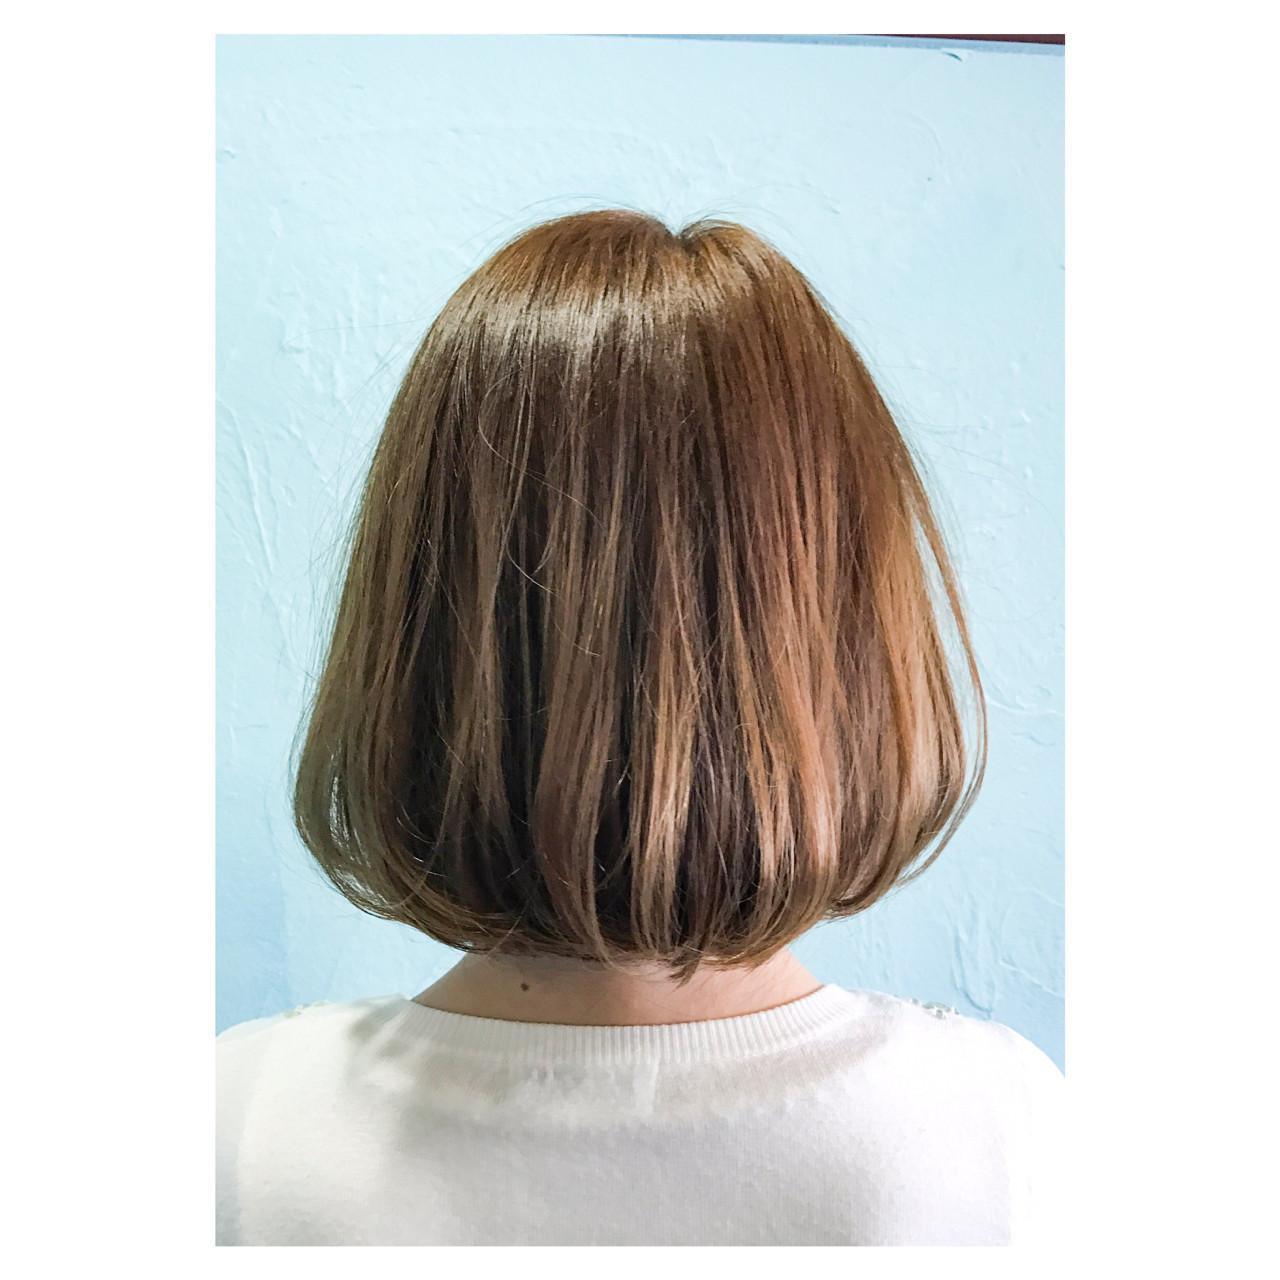 重ため ハイトーン ナチュラル ボブ ヘアスタイルや髪型の写真・画像